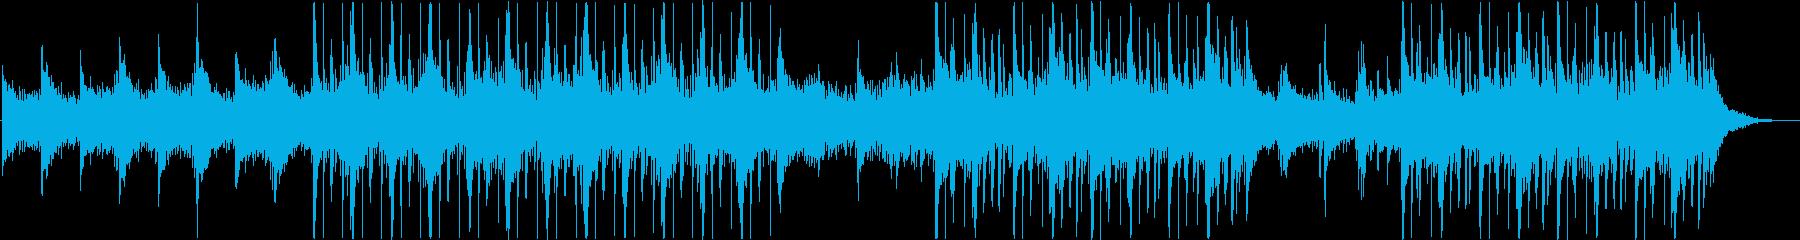 神秘的で上品なエレガントサウンドの再生済みの波形